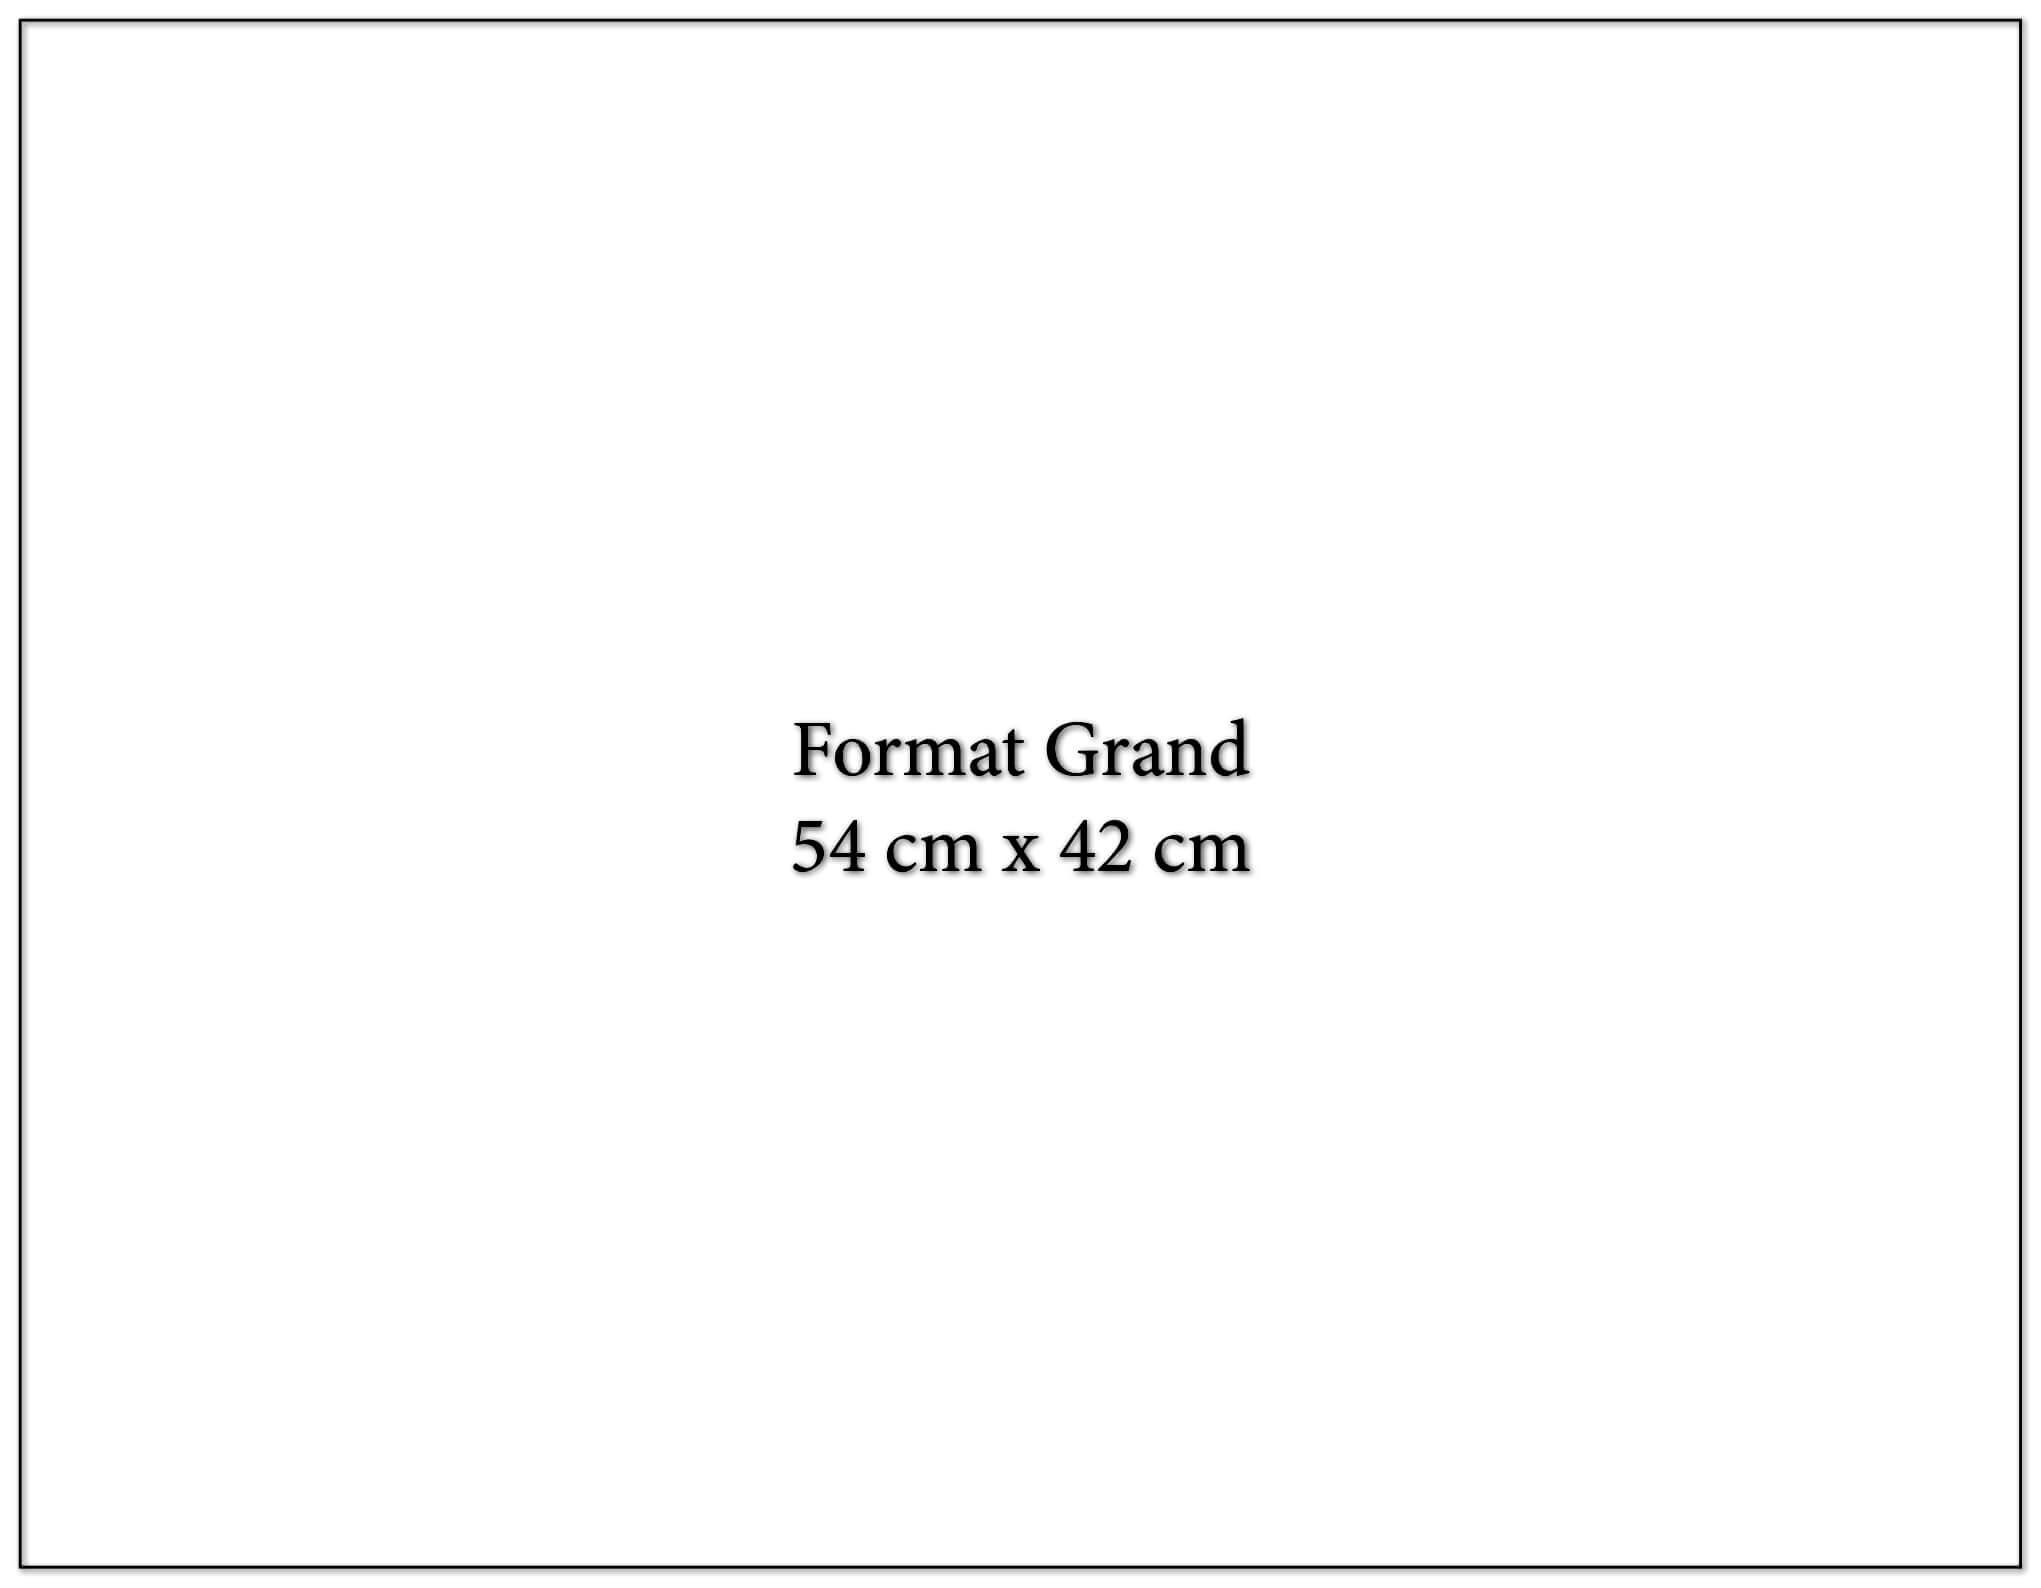 Calendrier publicitaire grand fomat 54x42cm